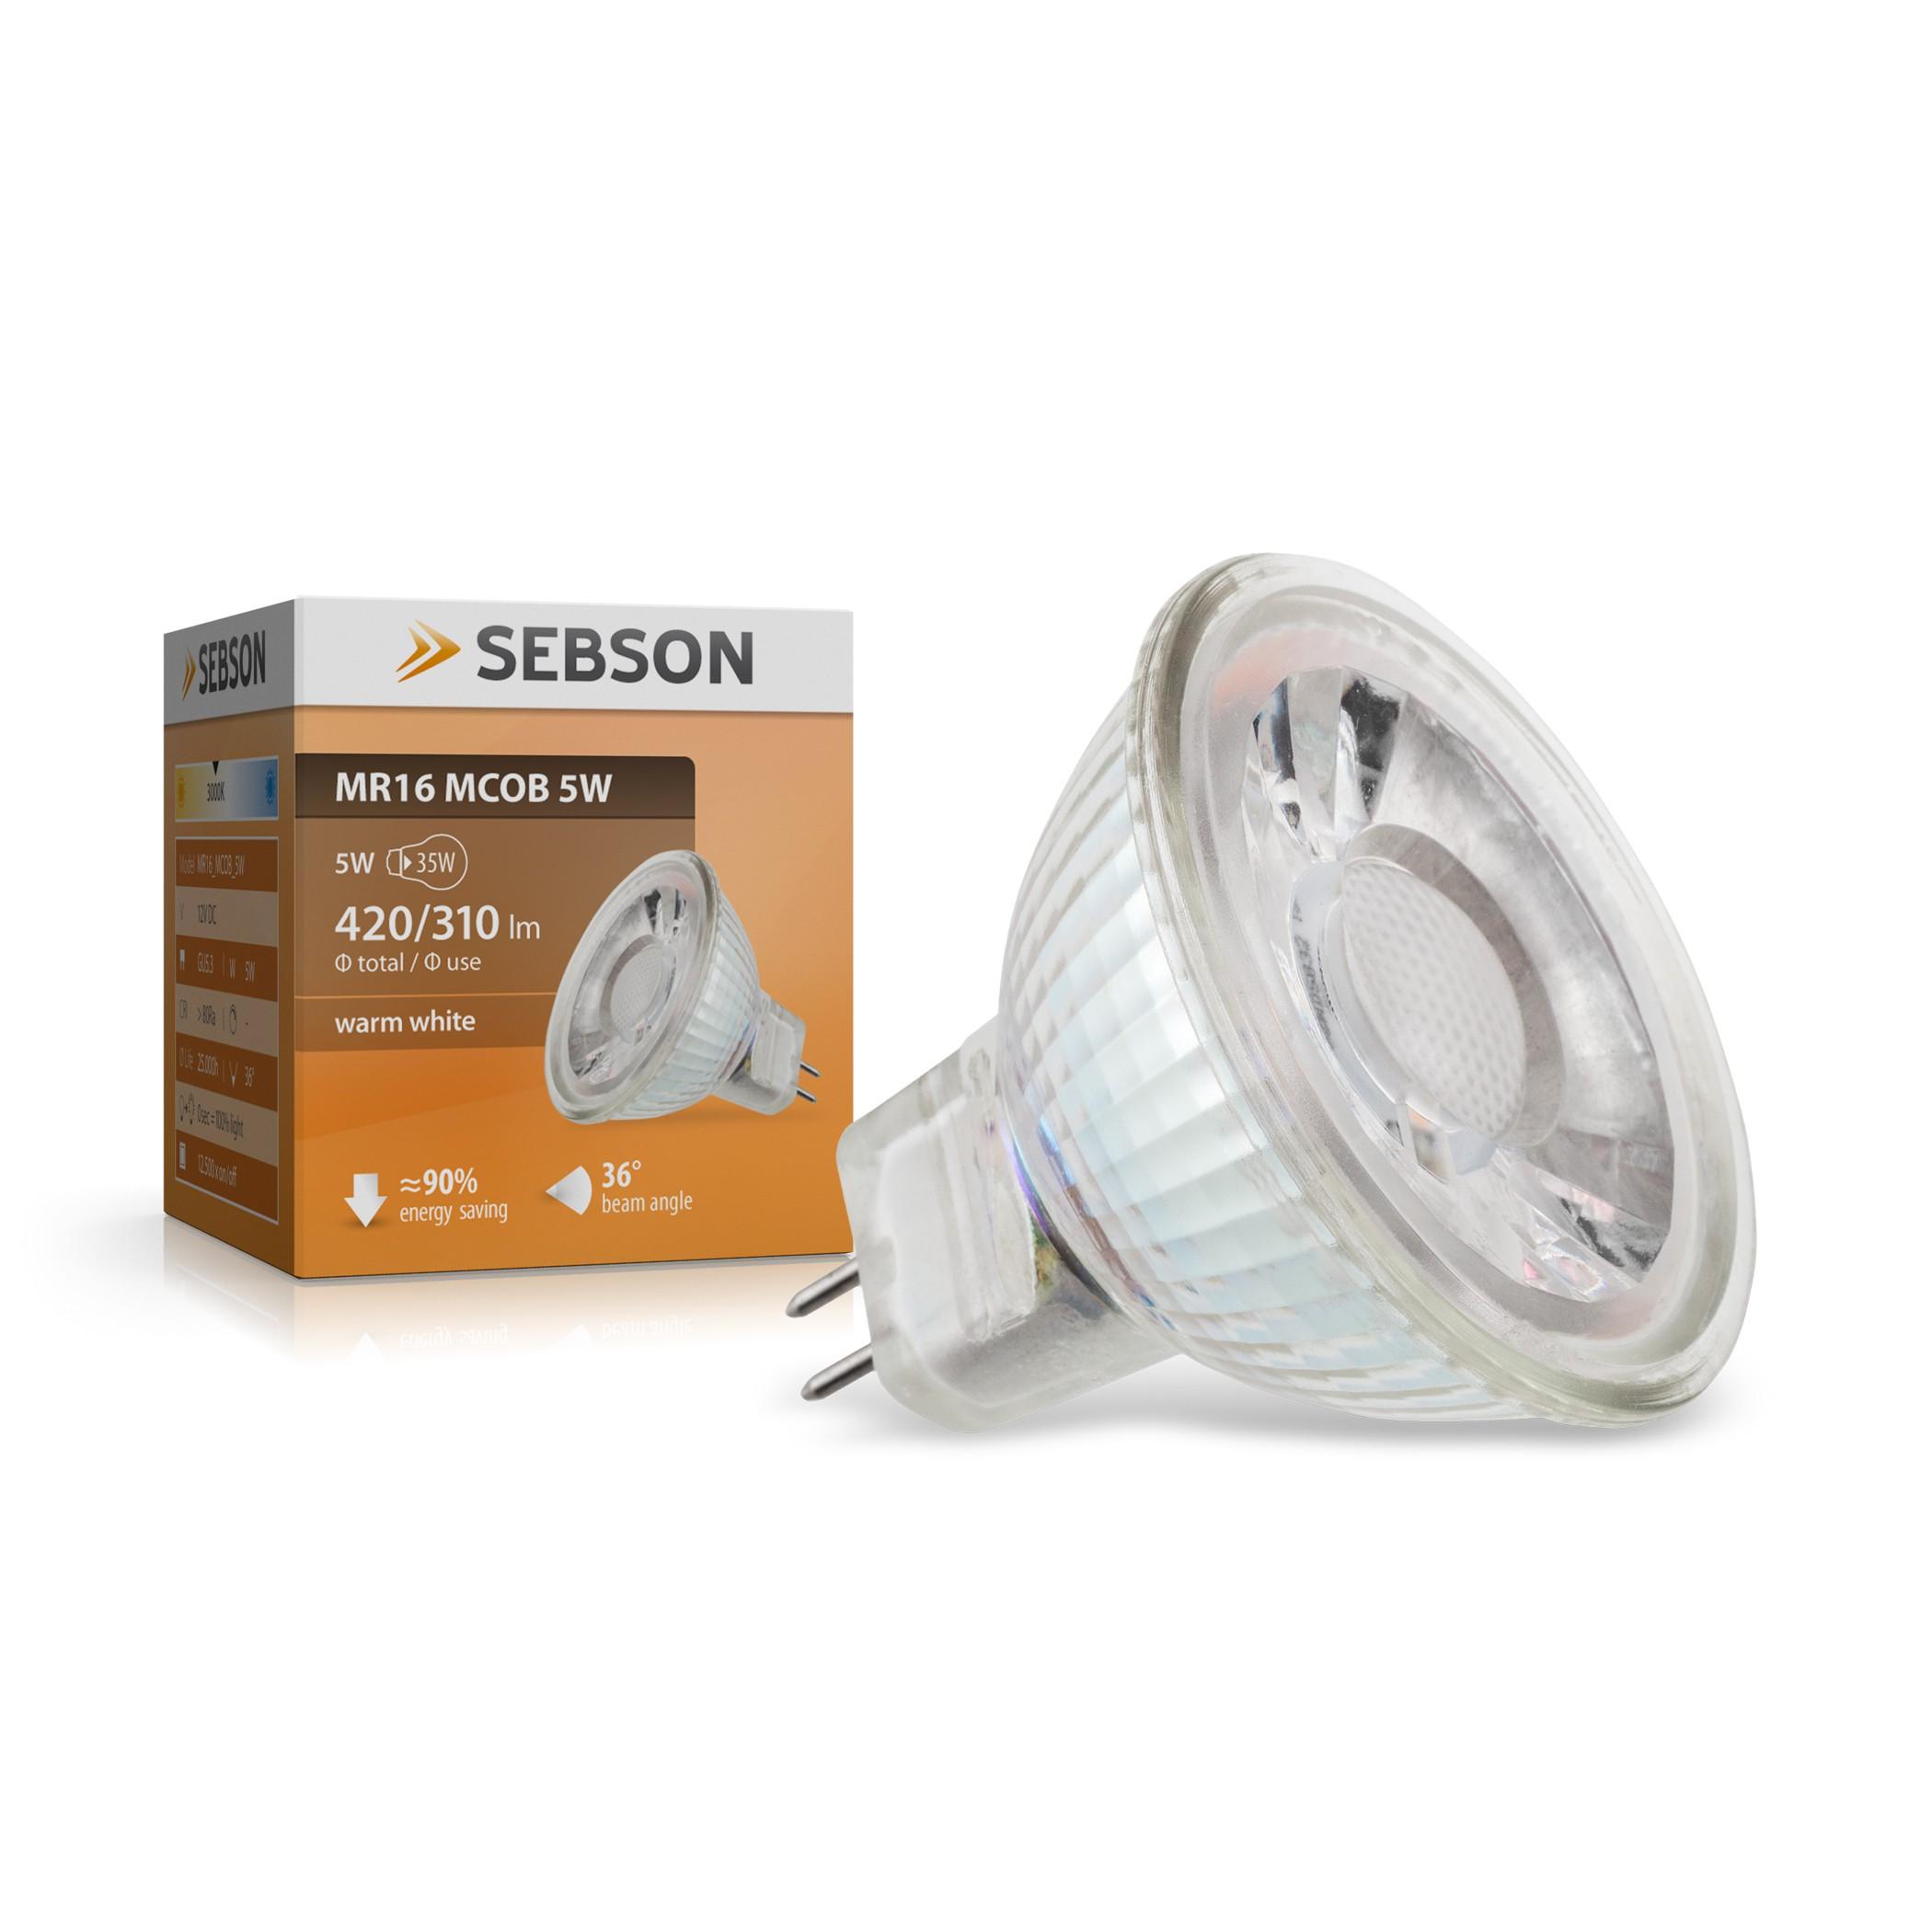 MR16 MCOB LED Lampe 5W 12V